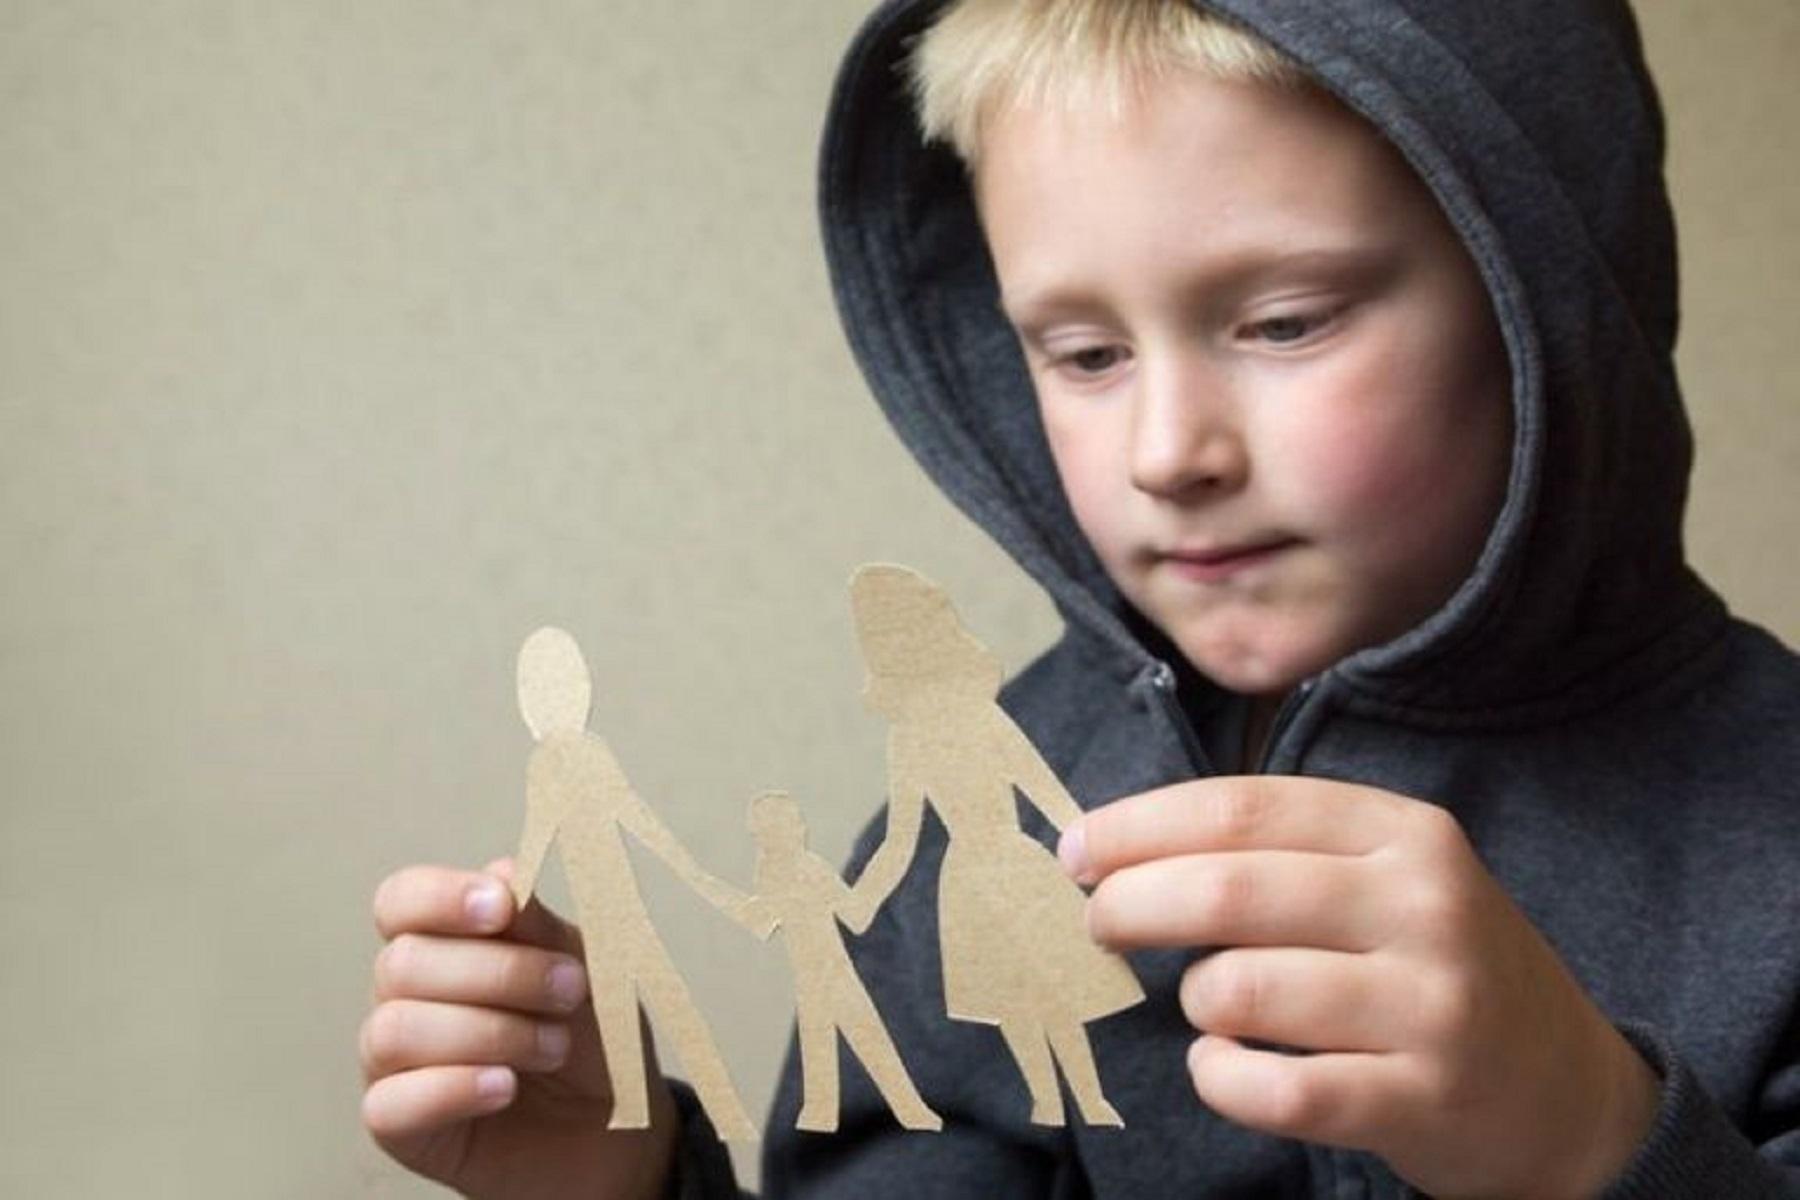 Συνεπιμέλεια Νομοσχέδιο: Σκοπός η ελαχιστοποίηση της ψυχικής δυσφορίας του παιδιού